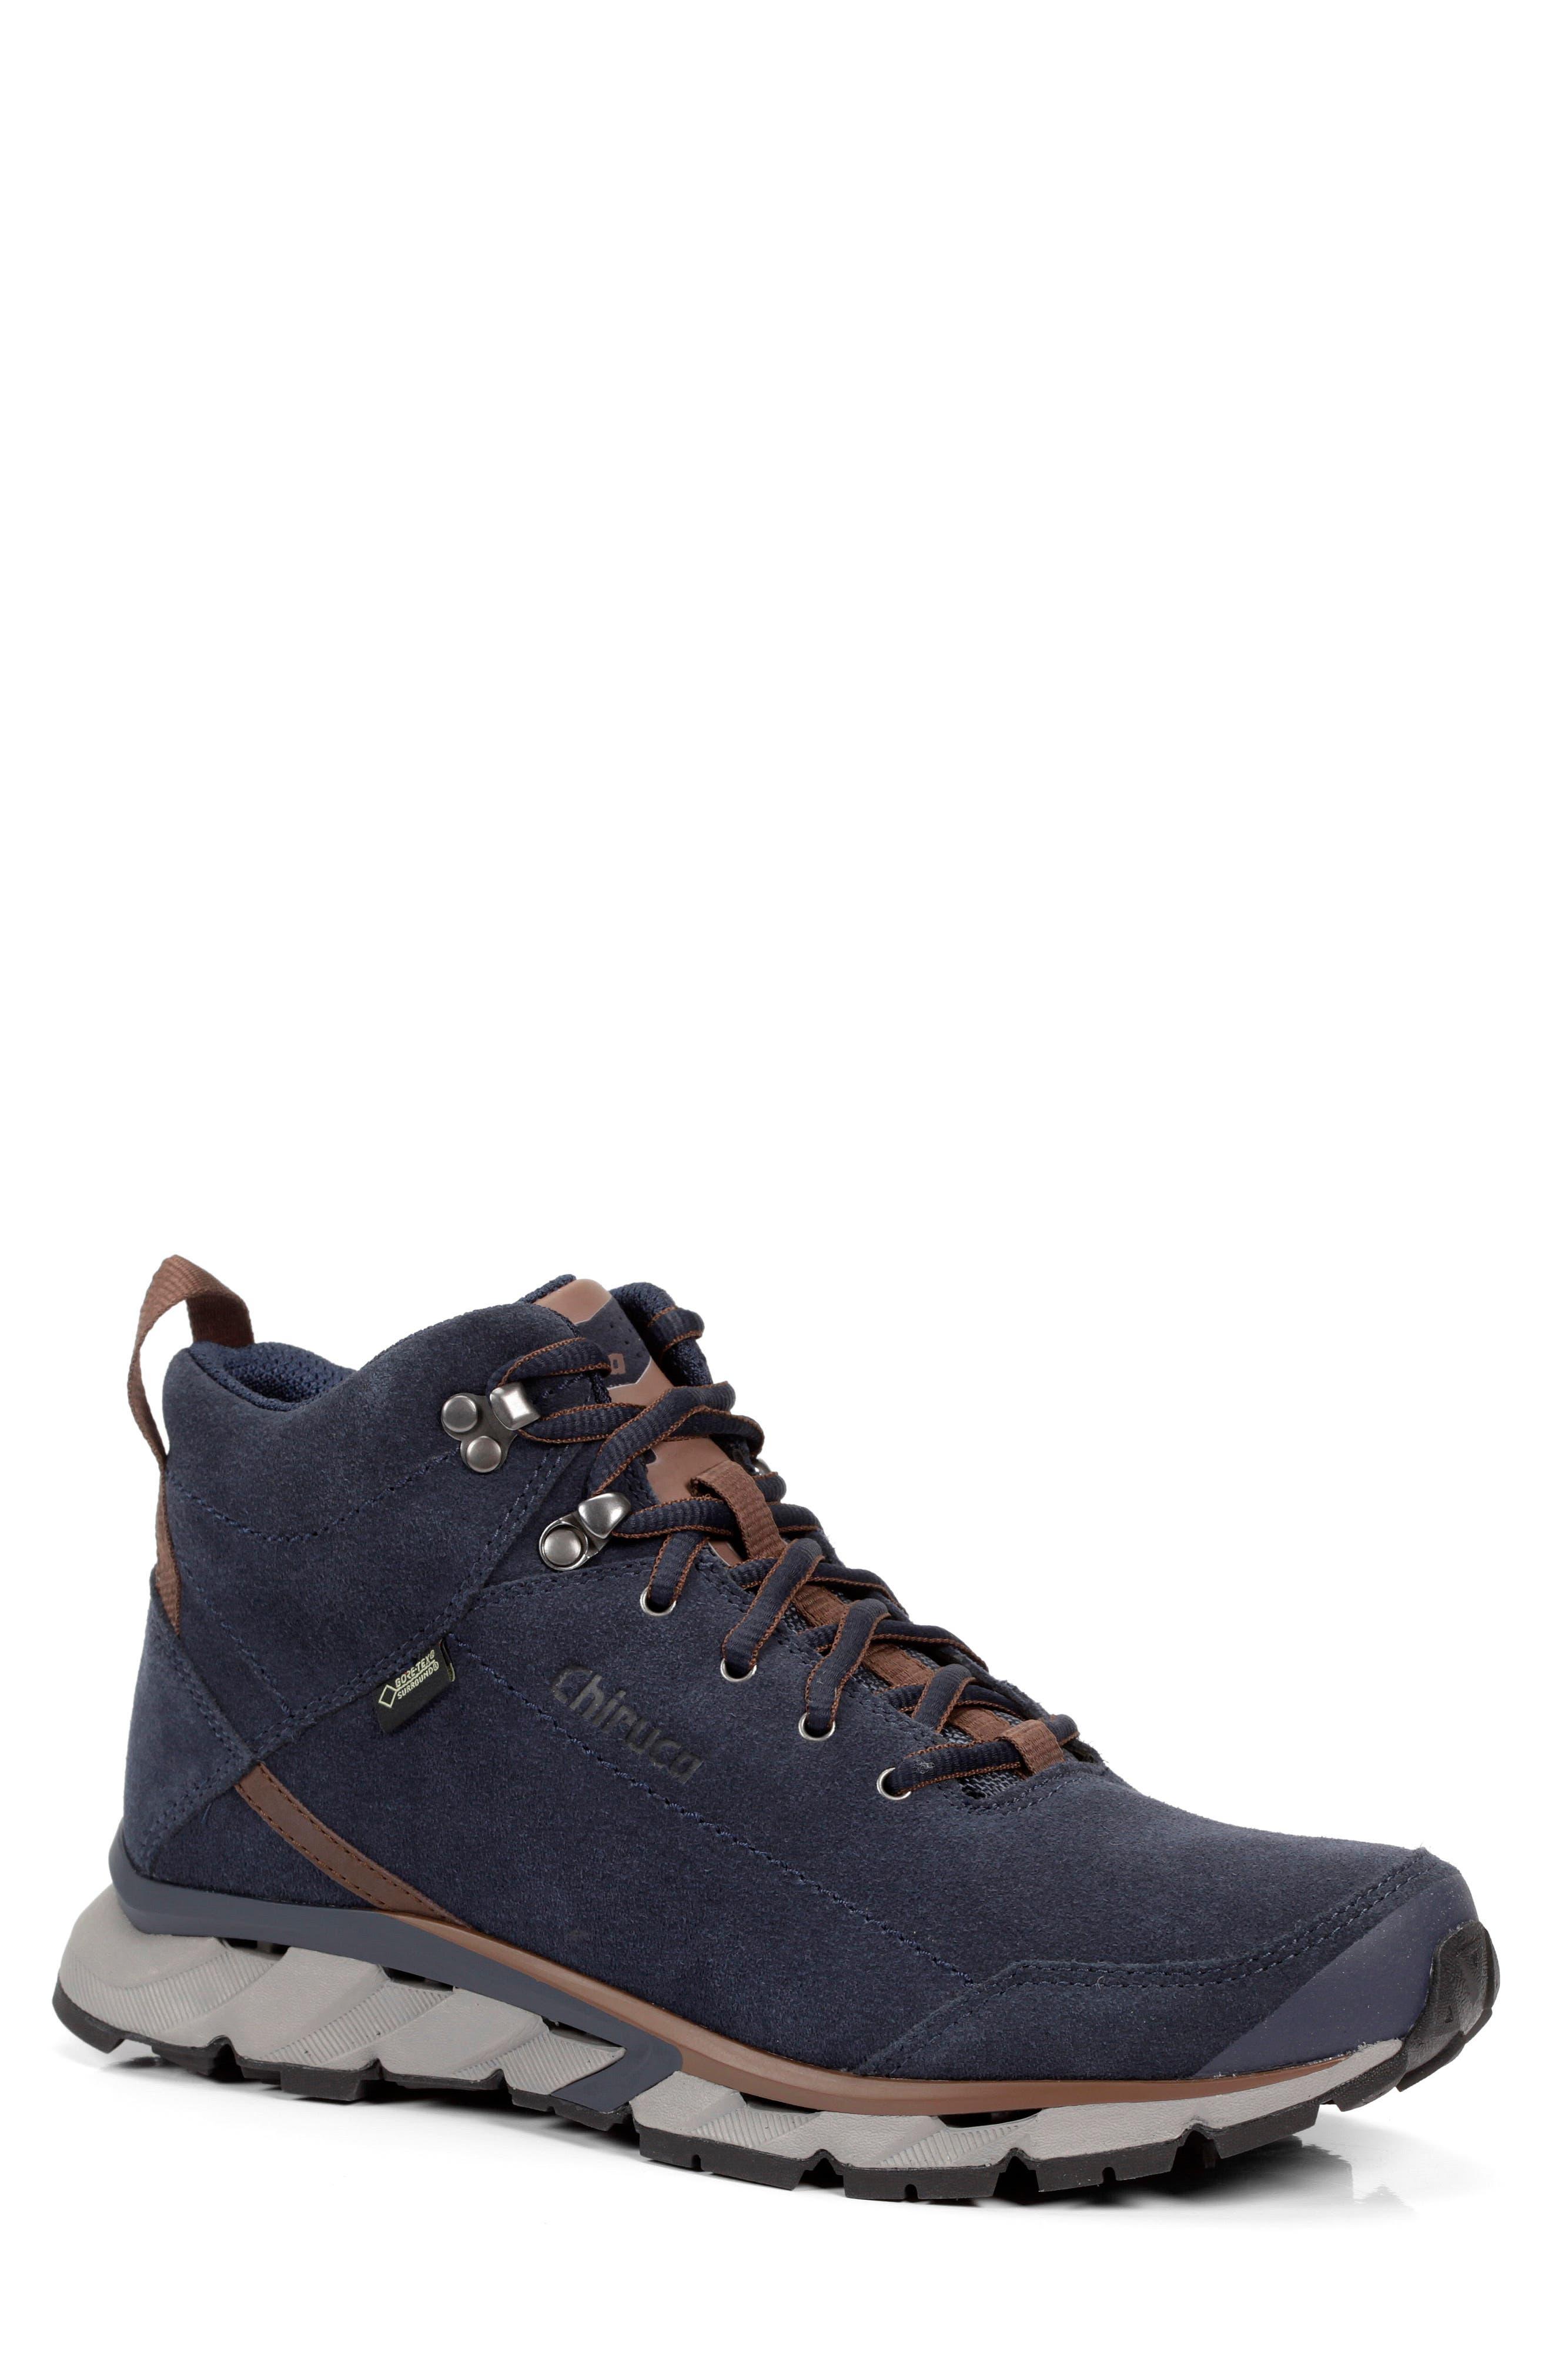 Aborigen Gore-Tex Waterproof Hiking Shoe